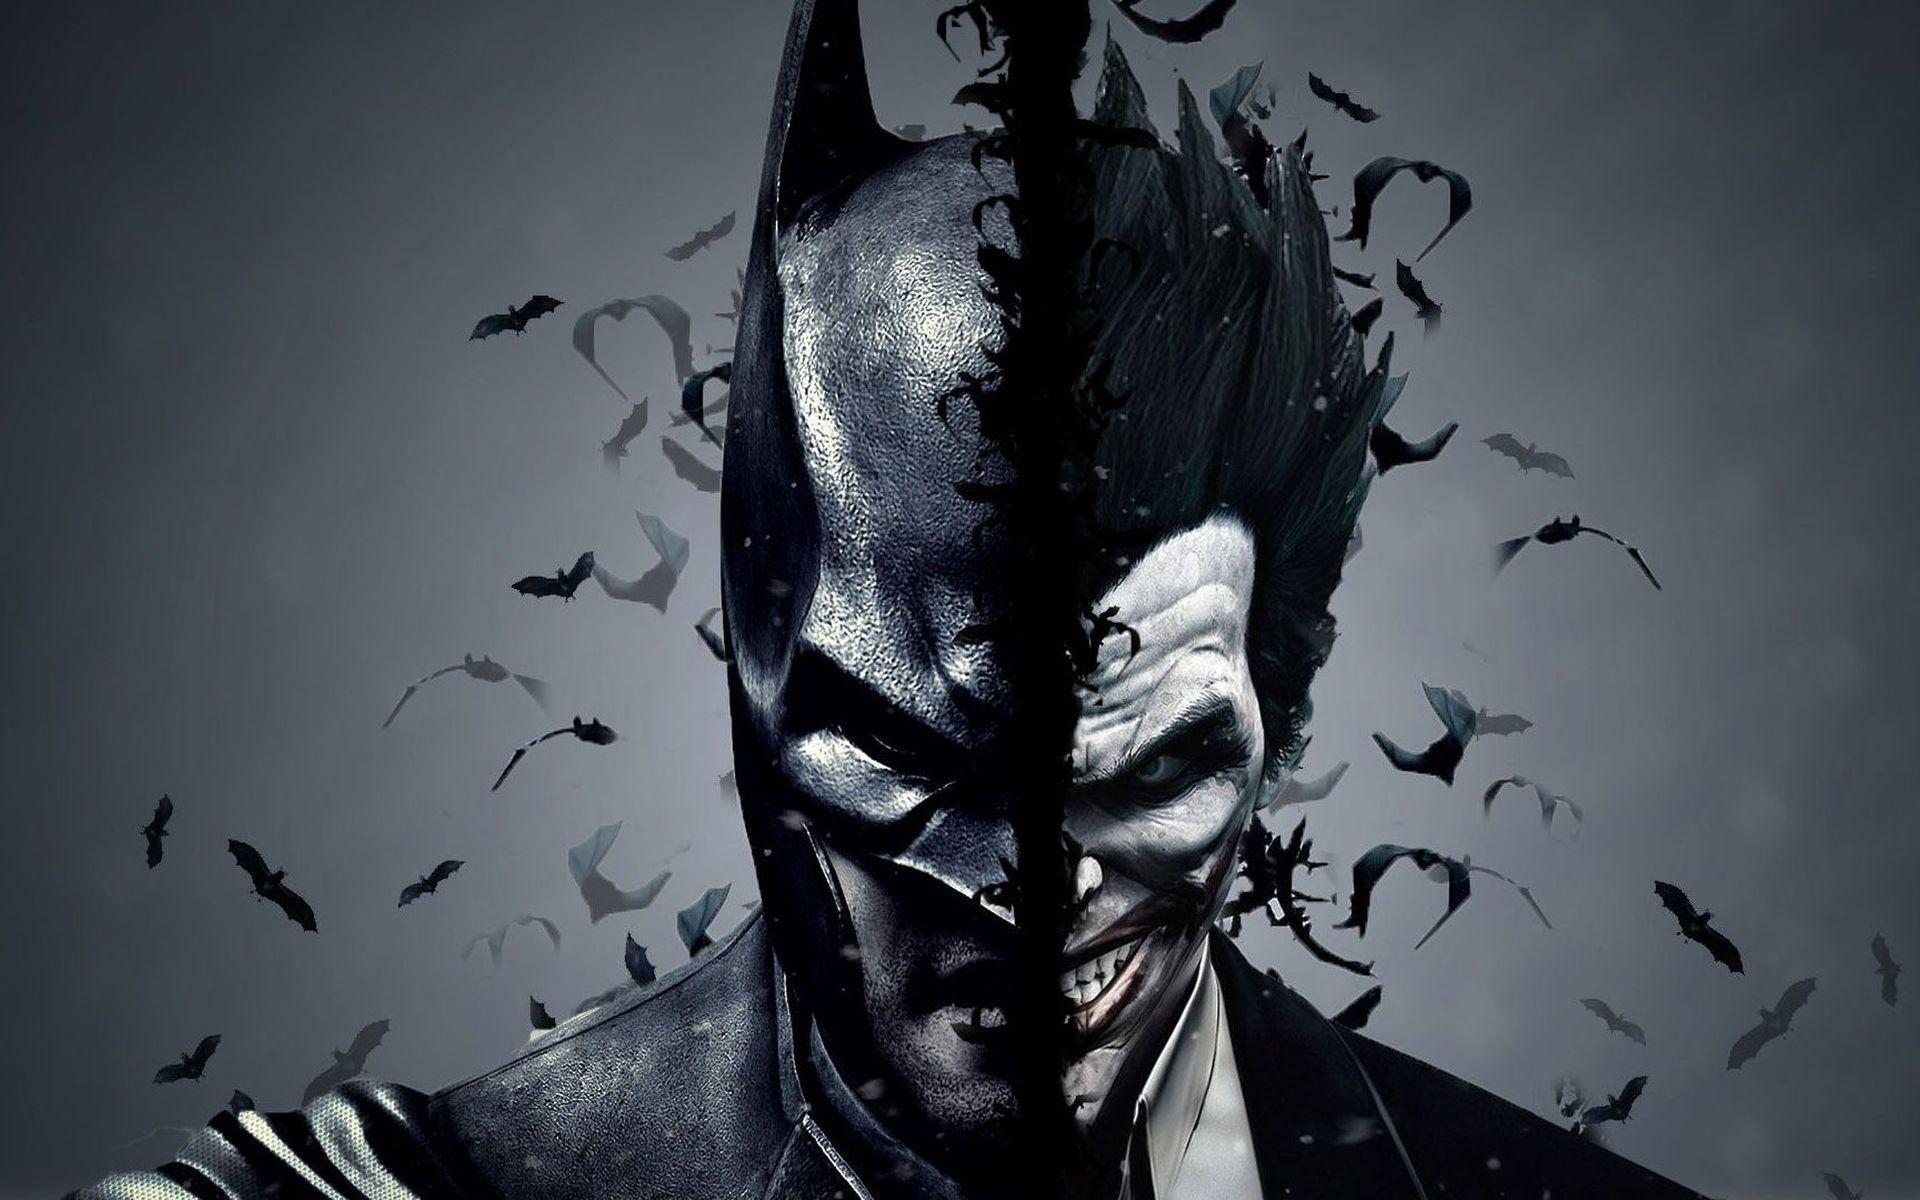 Best Wallpapers Wallpaperhd Wiki Batman Wallpaper Cartoon Wallpaper Hd Background Hd Wallpaper